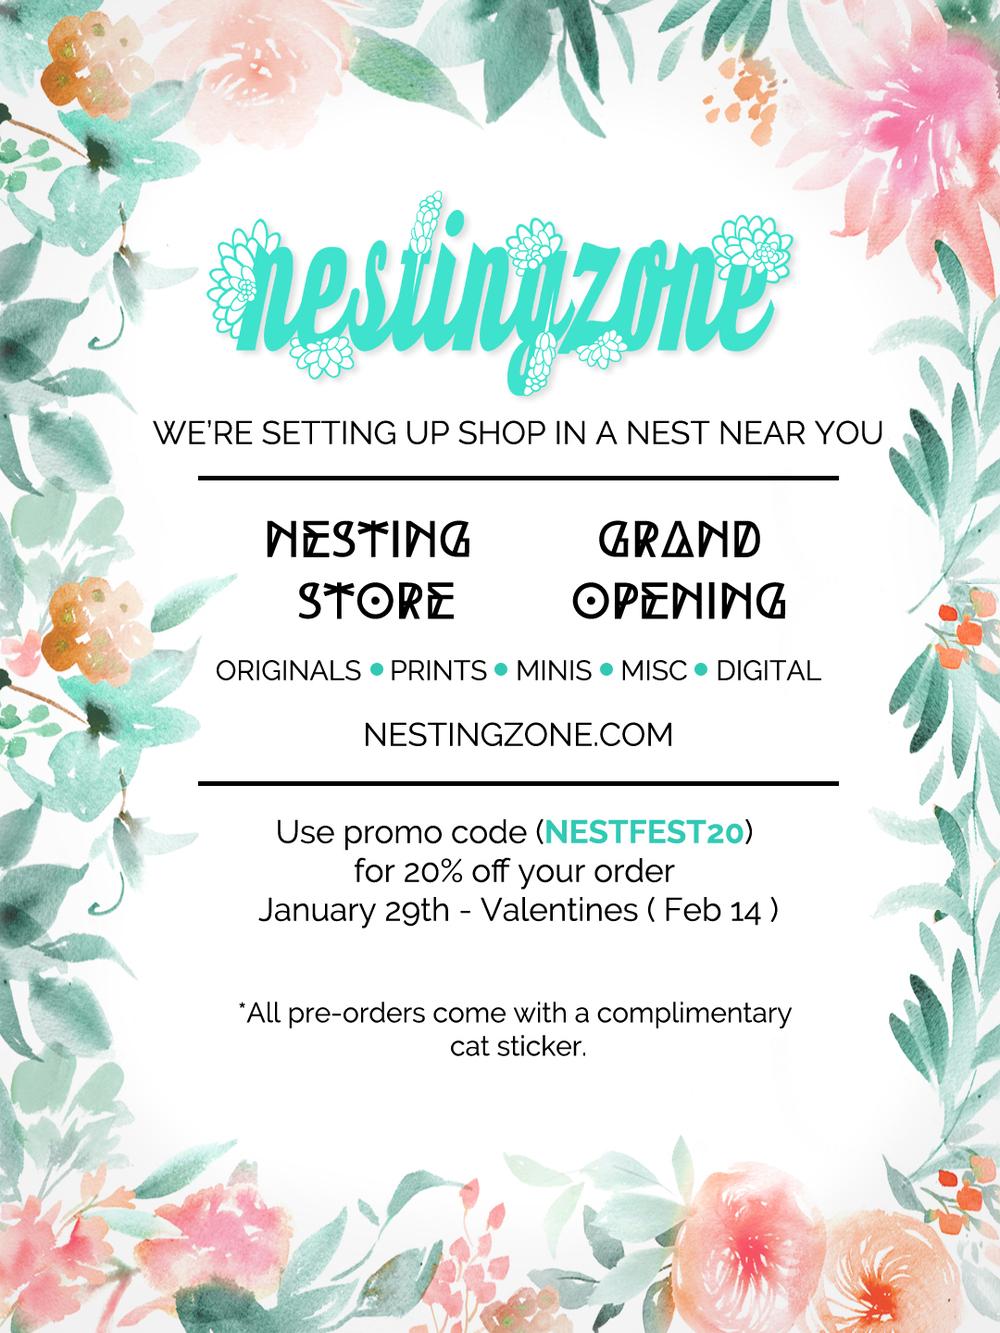 nestingzone01